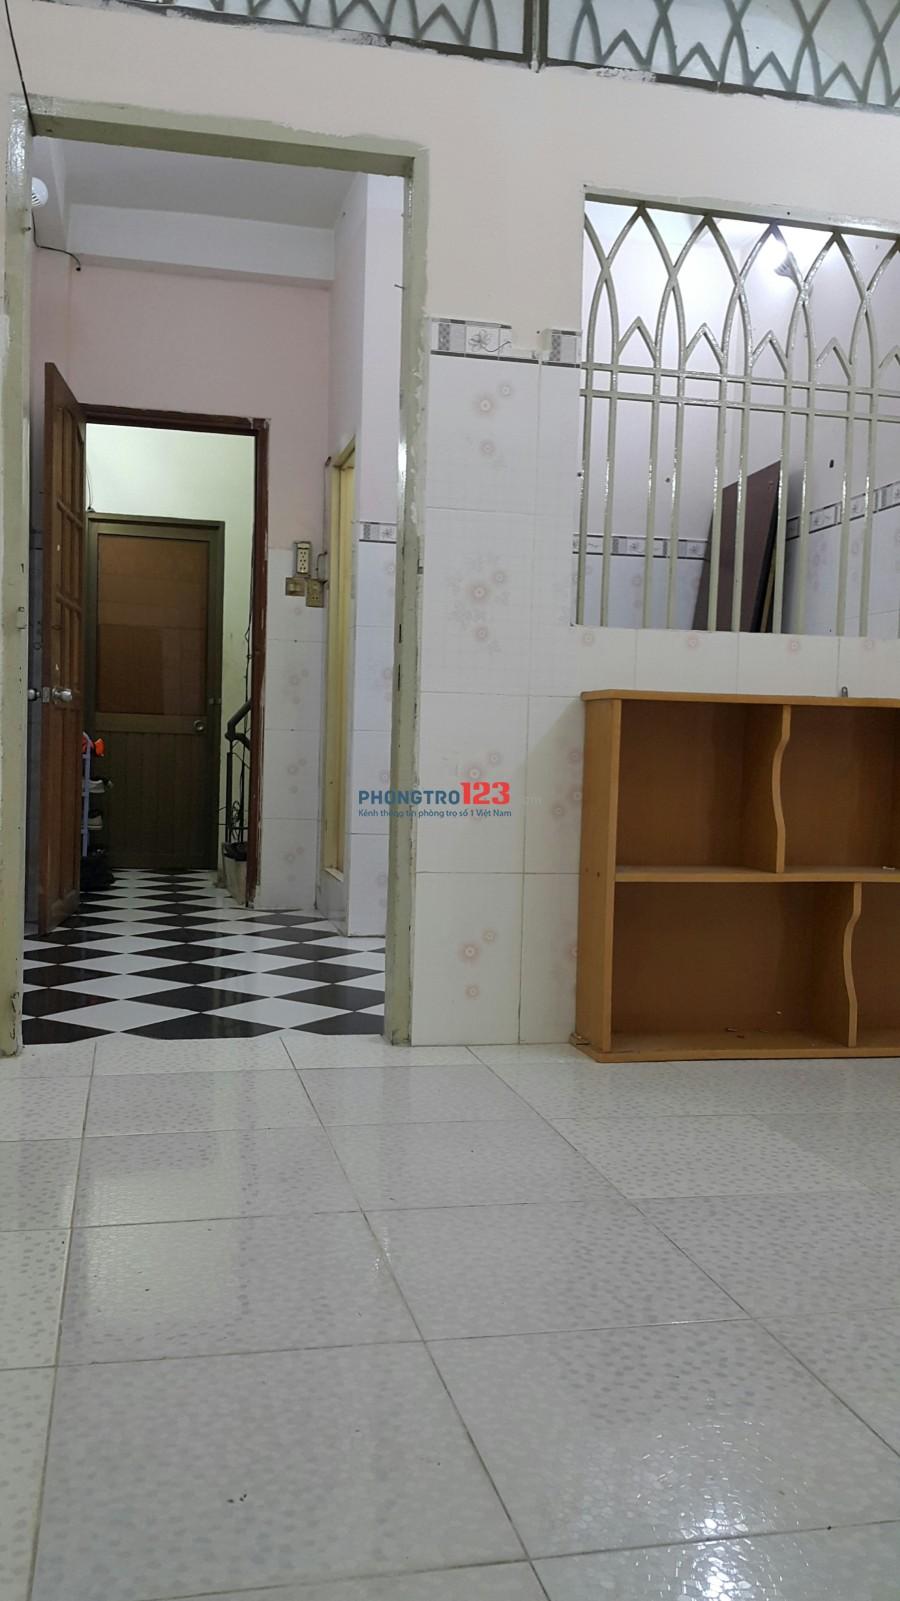 Cho thuê phòng trung tâm TP, TK40/18 Trần Hưng Đạo, P.Cầu Kho, Q.1